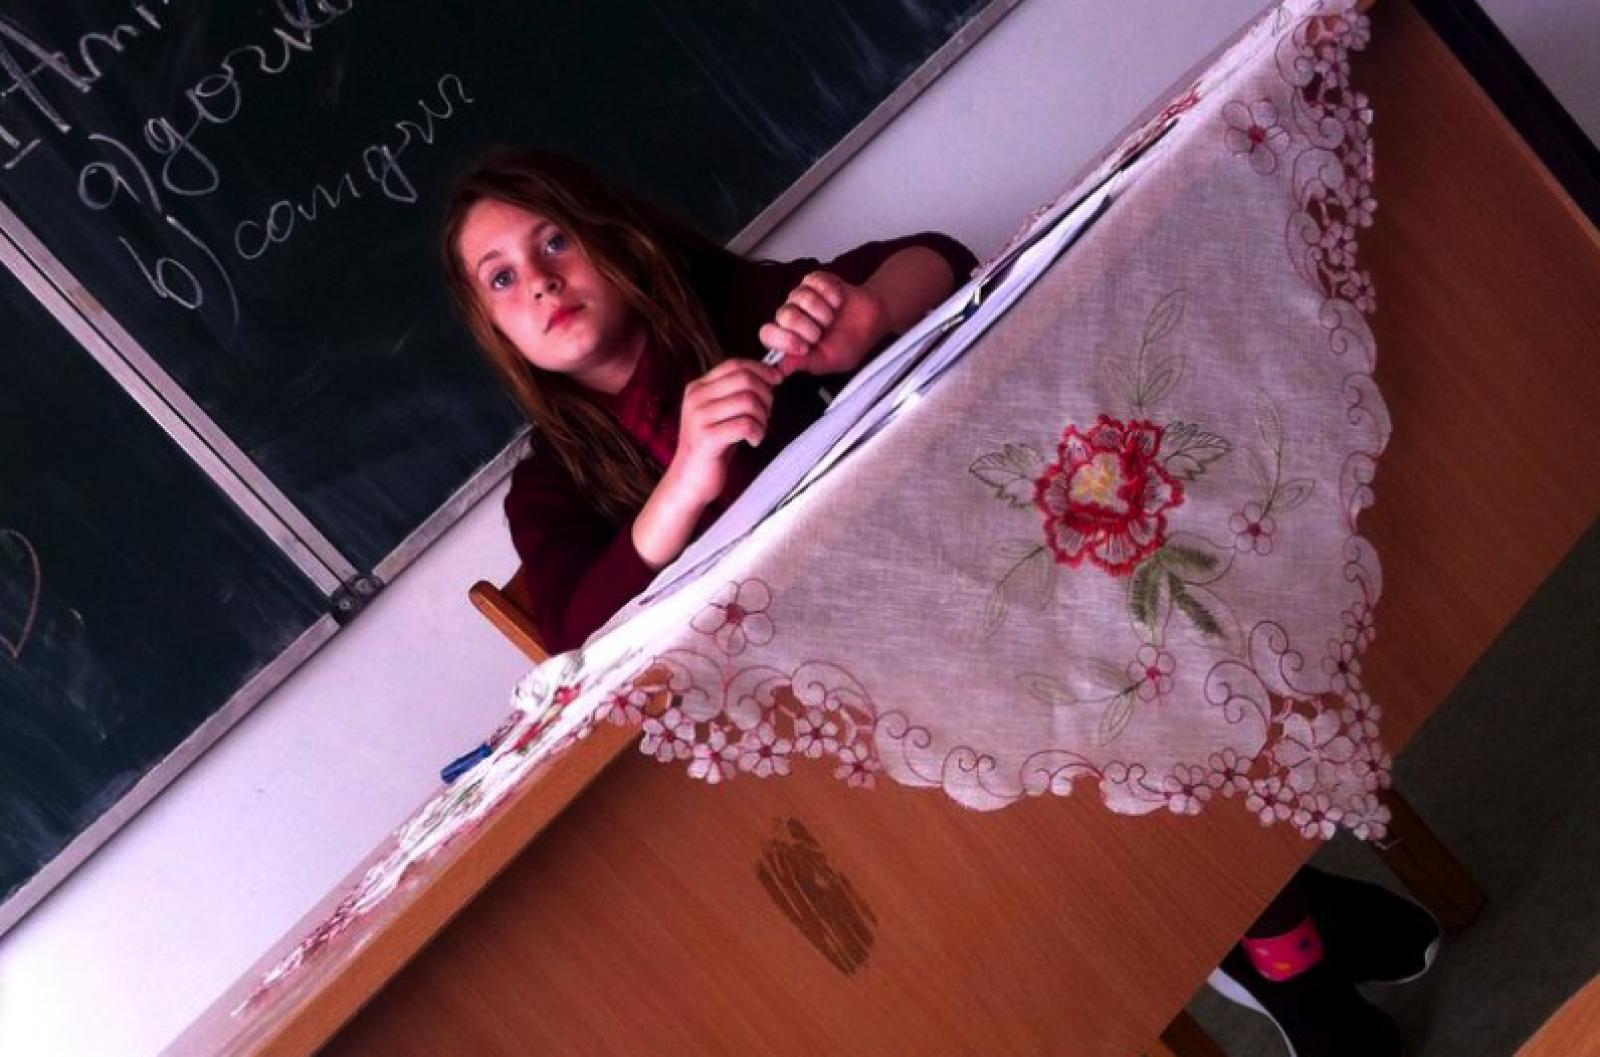 O fetiță de 11 ani din Vaslui a fugit de acasă pentru a o determina pe mama sa din Moldova să se întoarcă la familie. A fost găsită după 13 ore de căutări